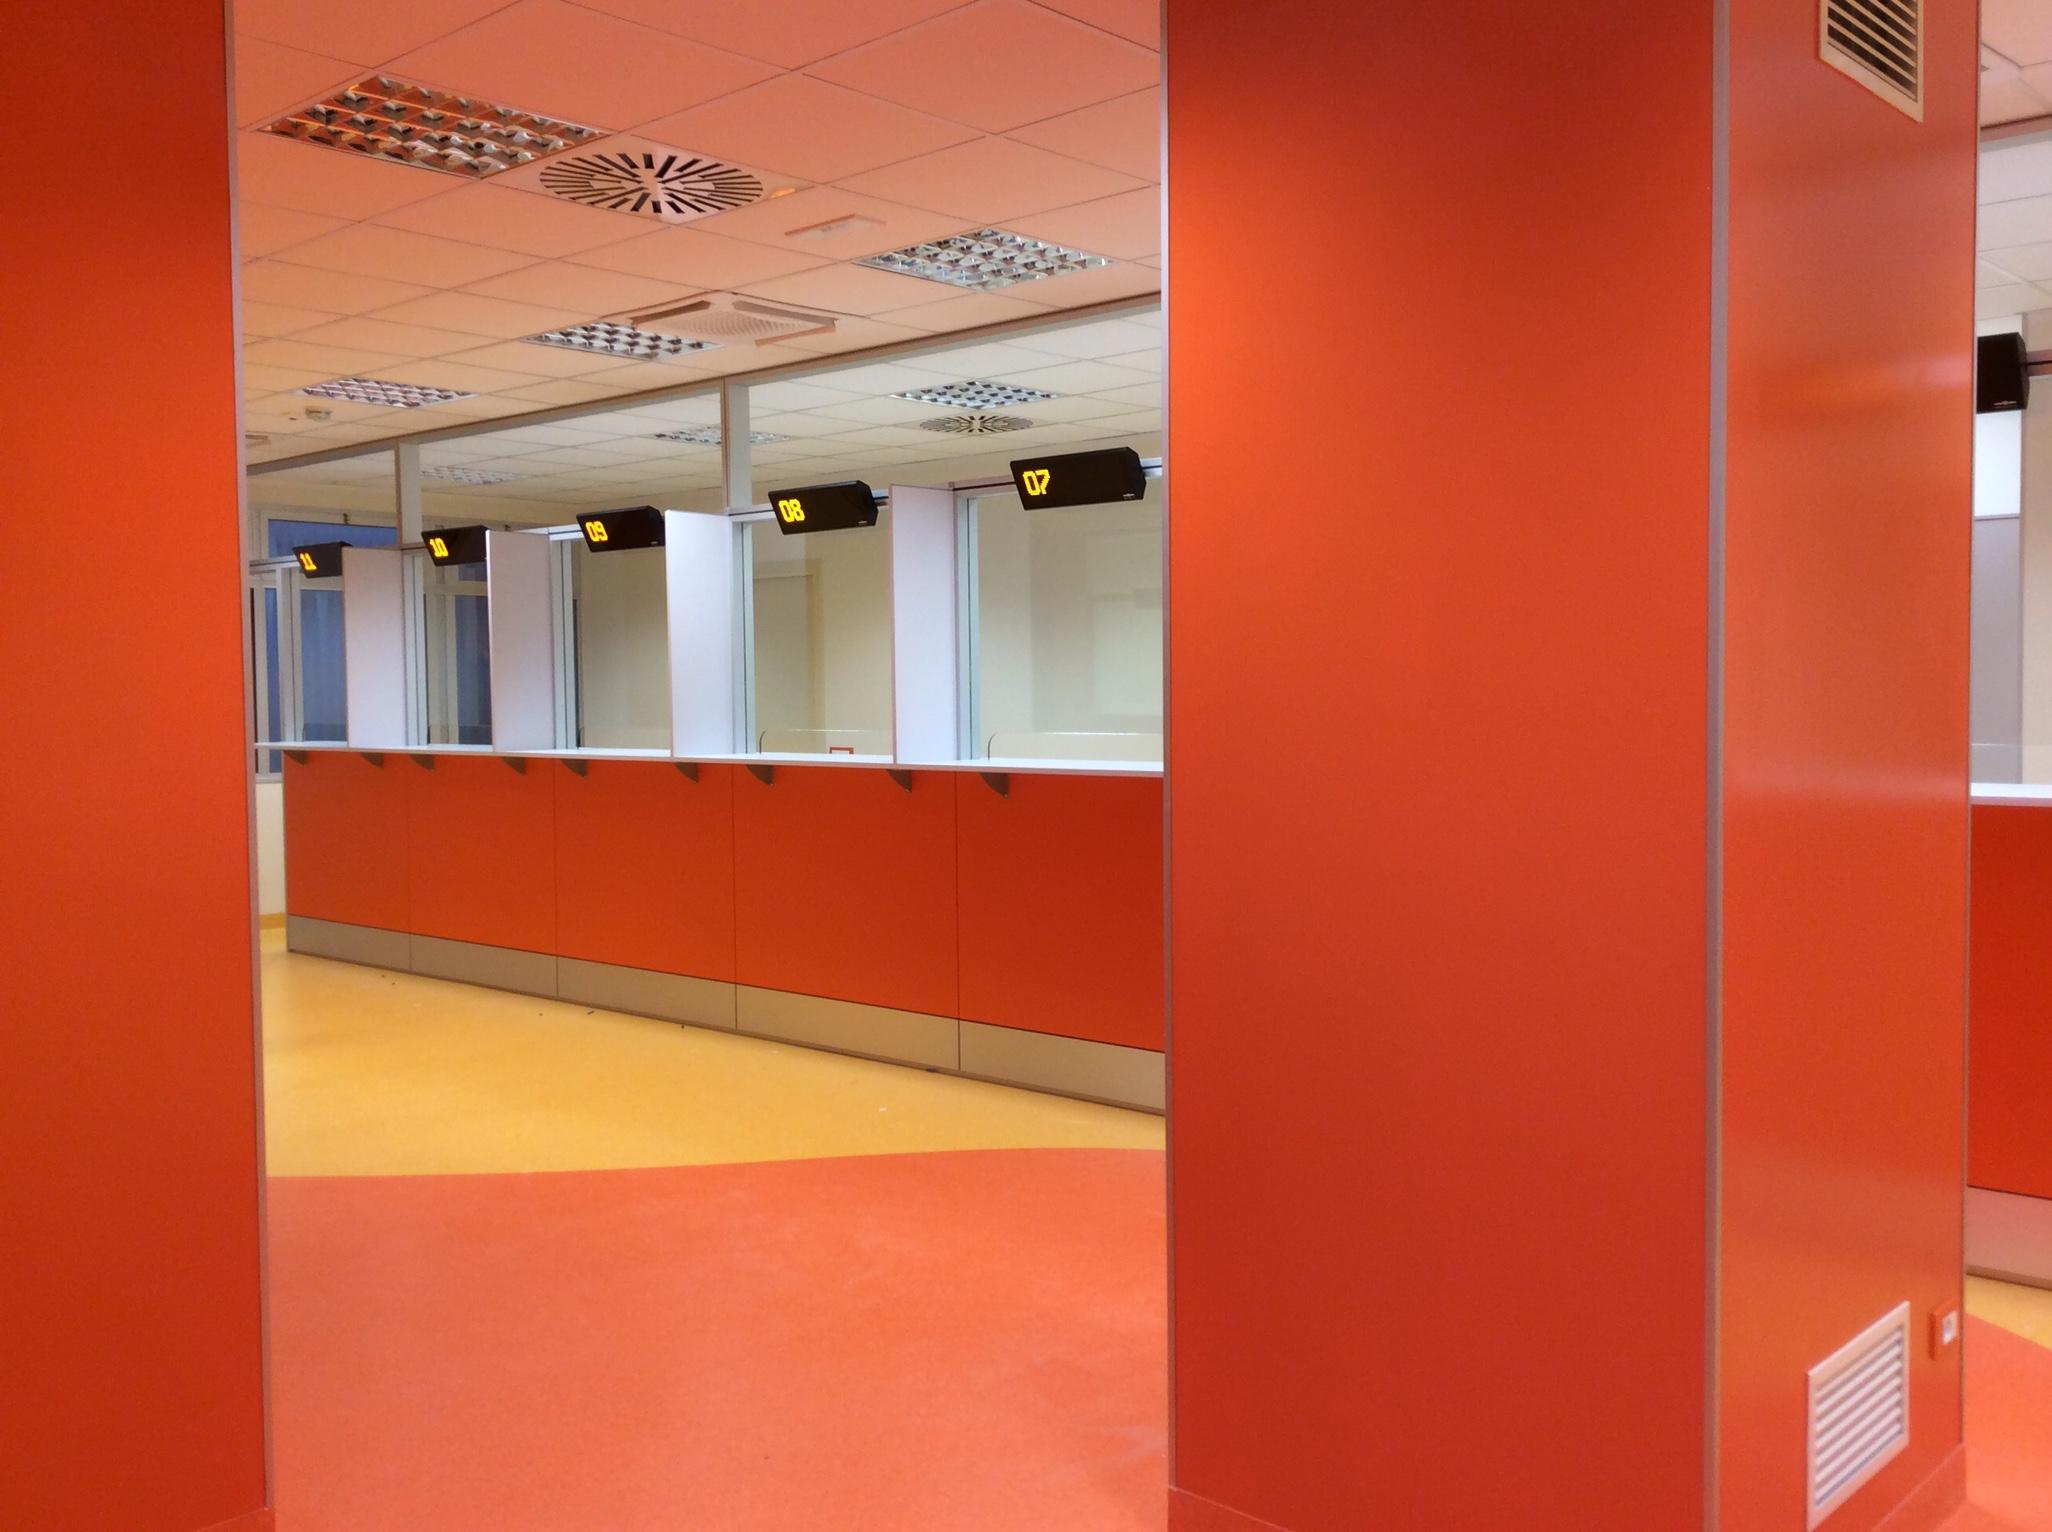 7 Realizzazione su misura parete attrezzata arredamento cup ospedale - Riganelli Arredamenti